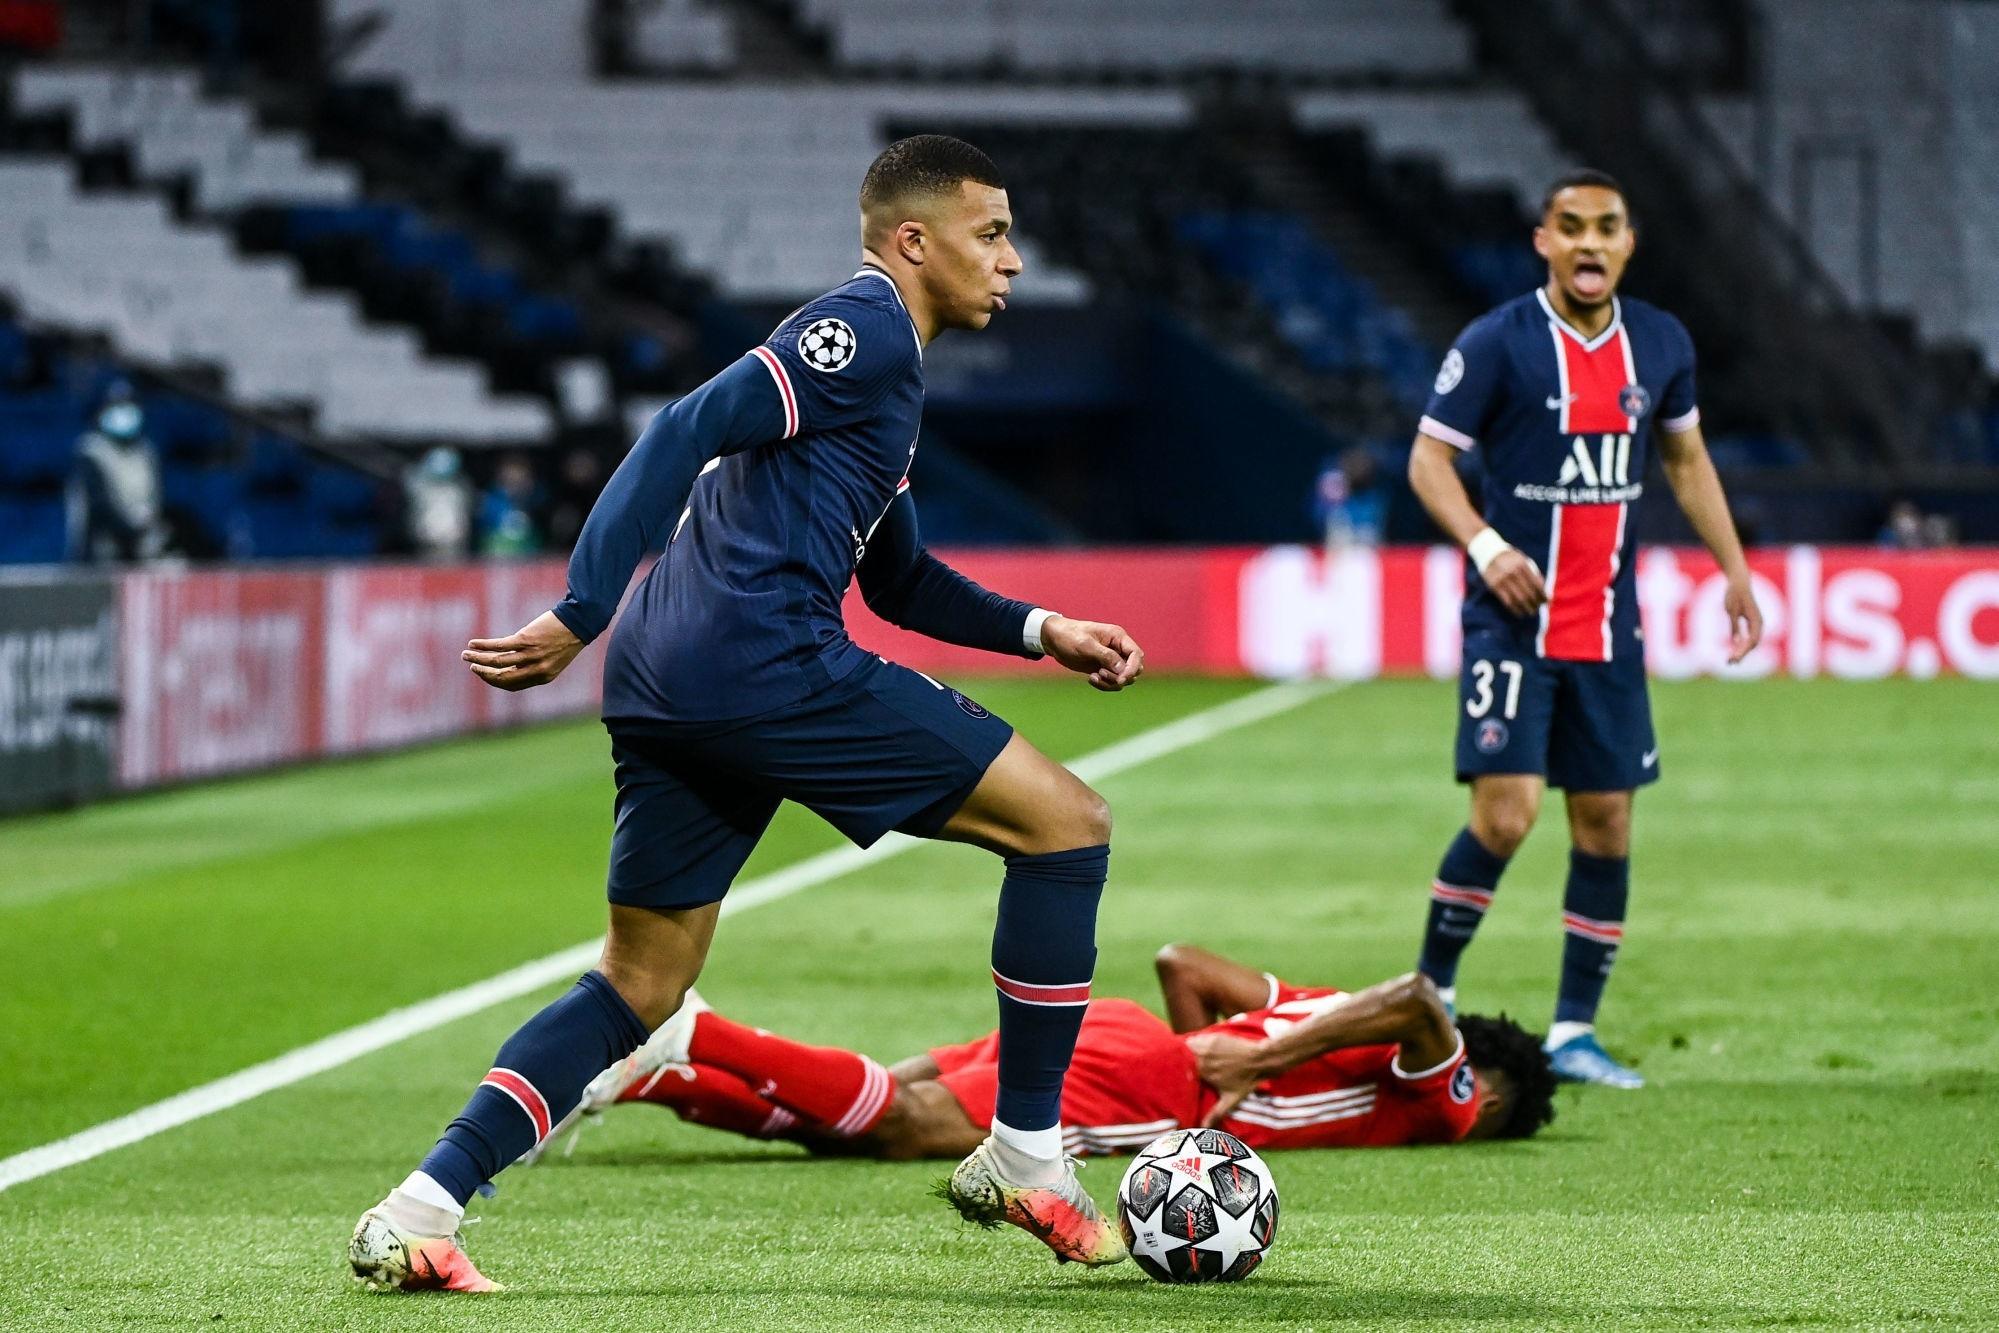 PSG/Bayern - Sanfourche estime que Mbappé a affiché une nouvelle maturité